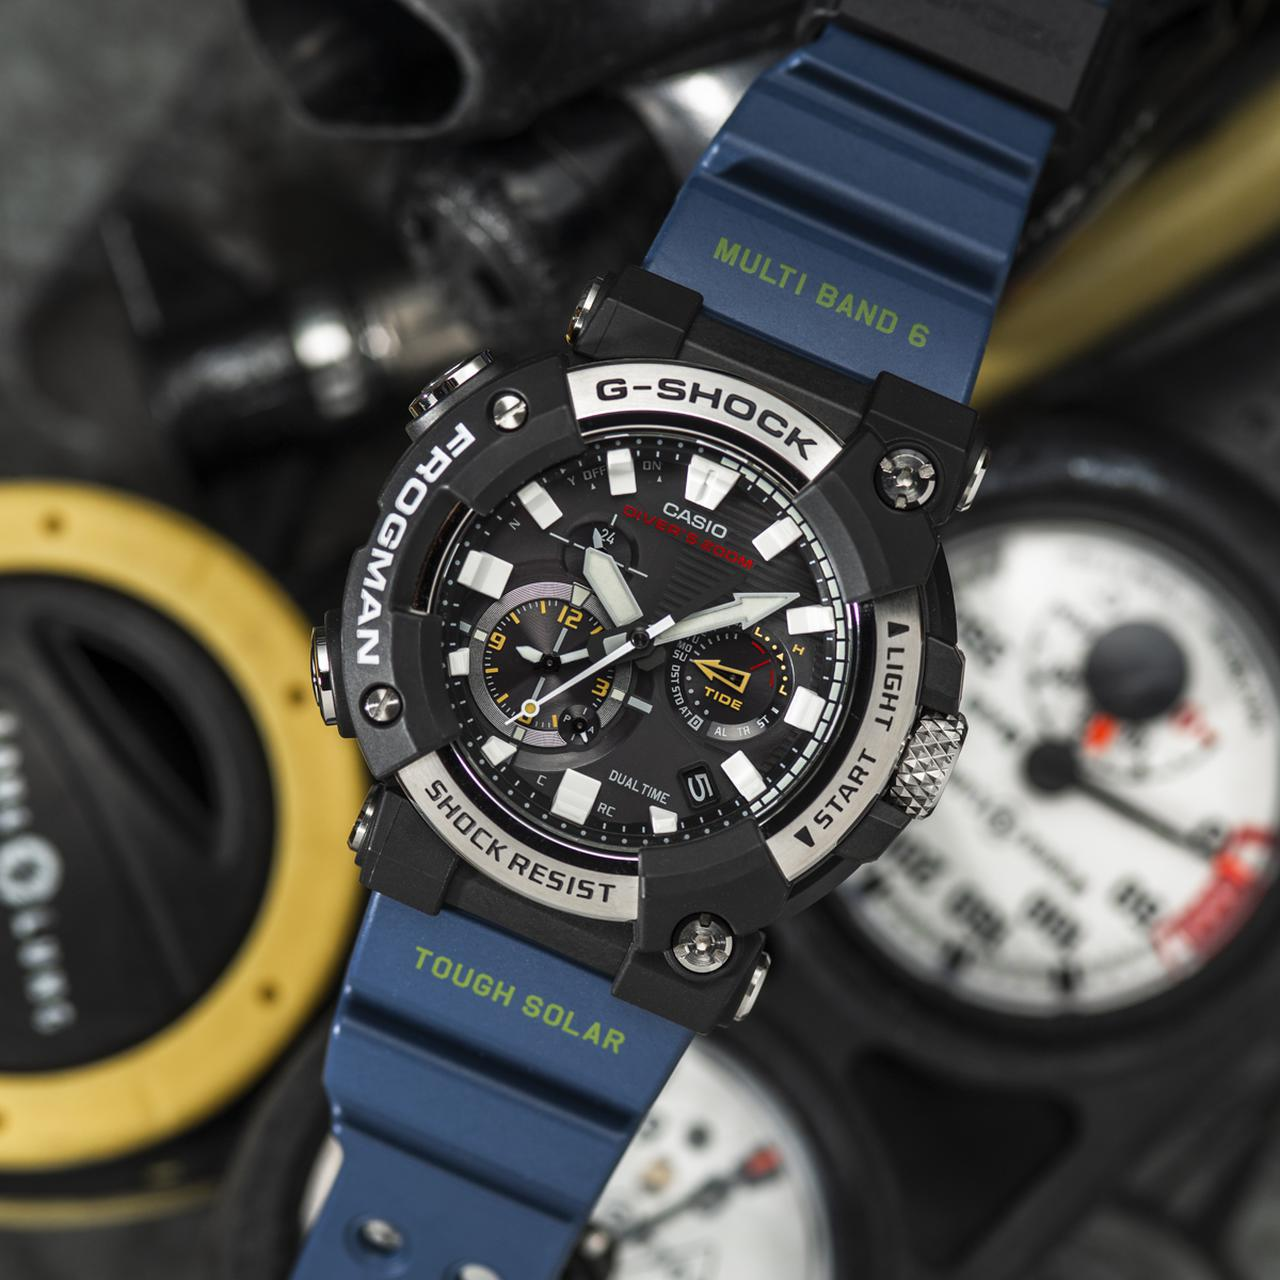 画像5: G-SHOCKのダイバーズウオッチ「フロッグマン」からバイク乗りにも人気の〈アナログ〉モデルが初めて登場! メンテ不要のタフネス電波ソーラー腕時計